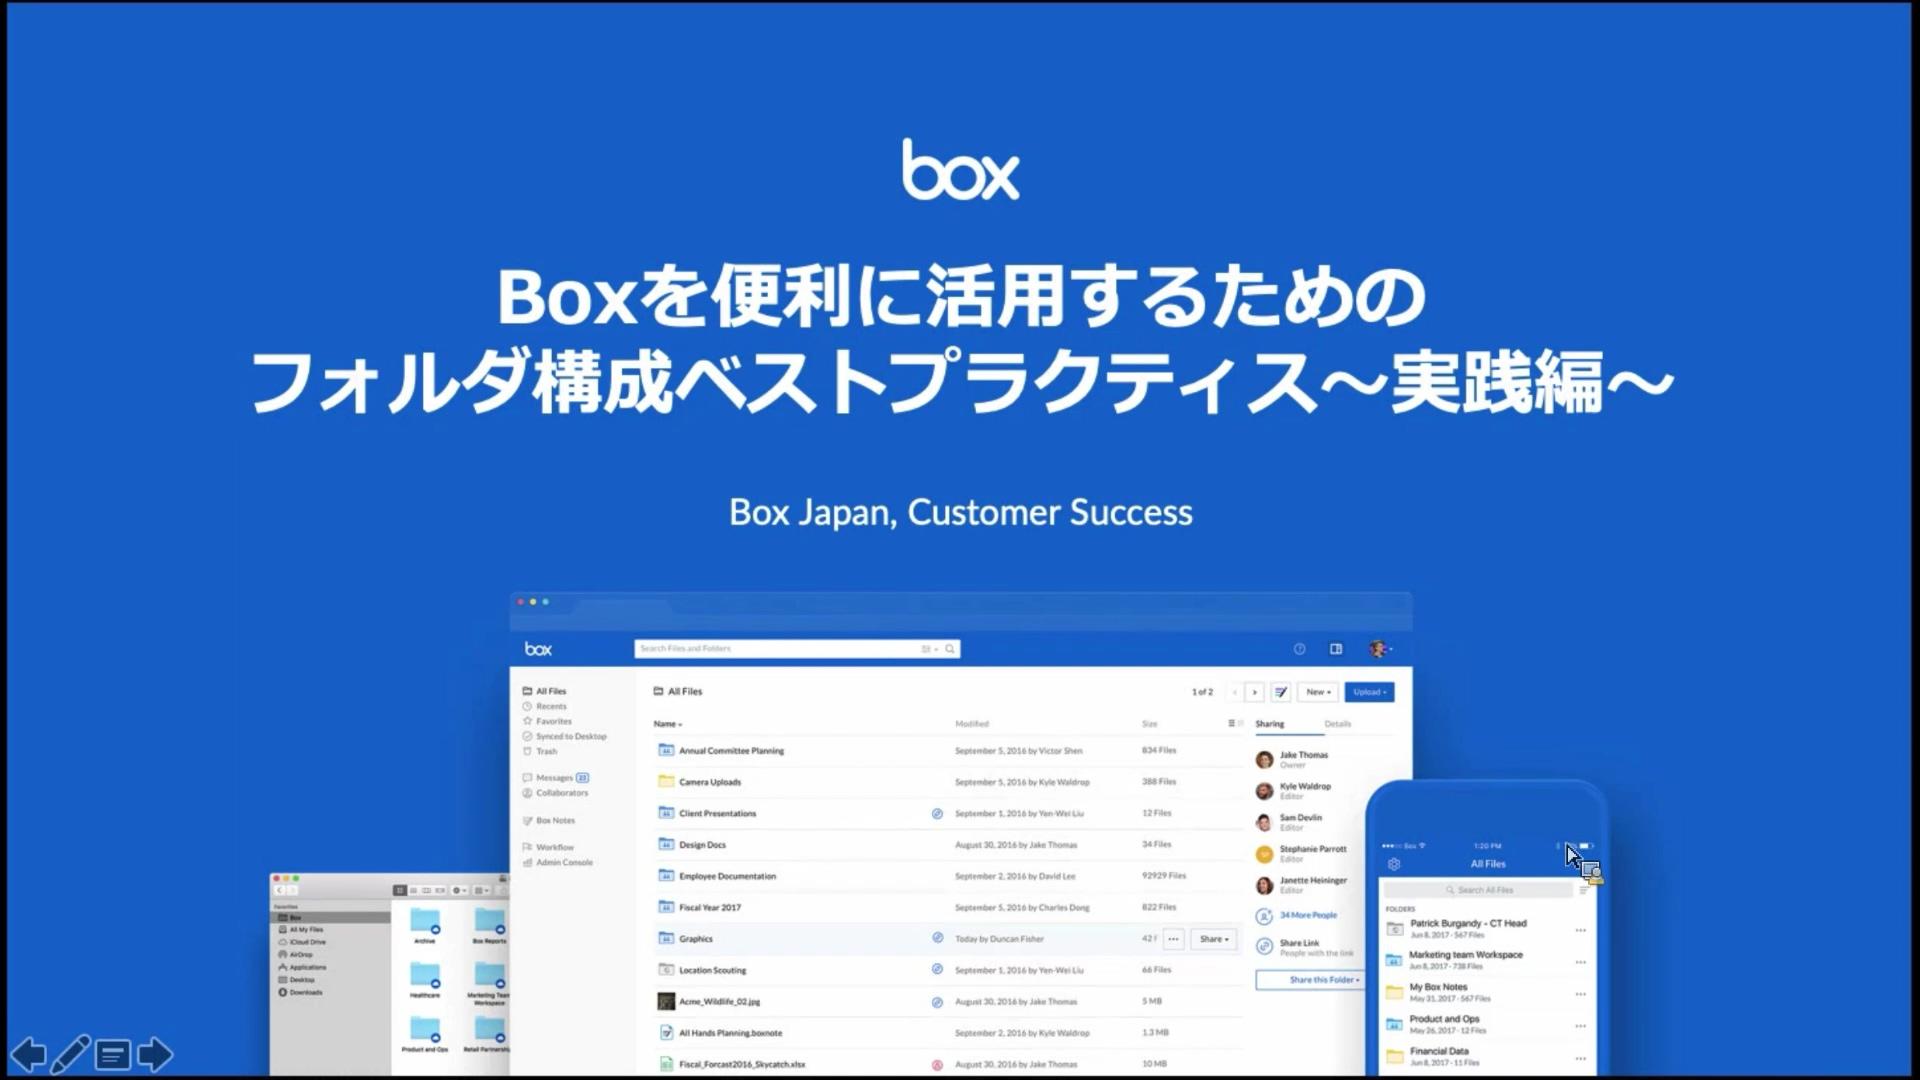 Boxを便利に活用するためのフォルダ構成 ベストプラクティス〜実践編〜(2019.8.2)